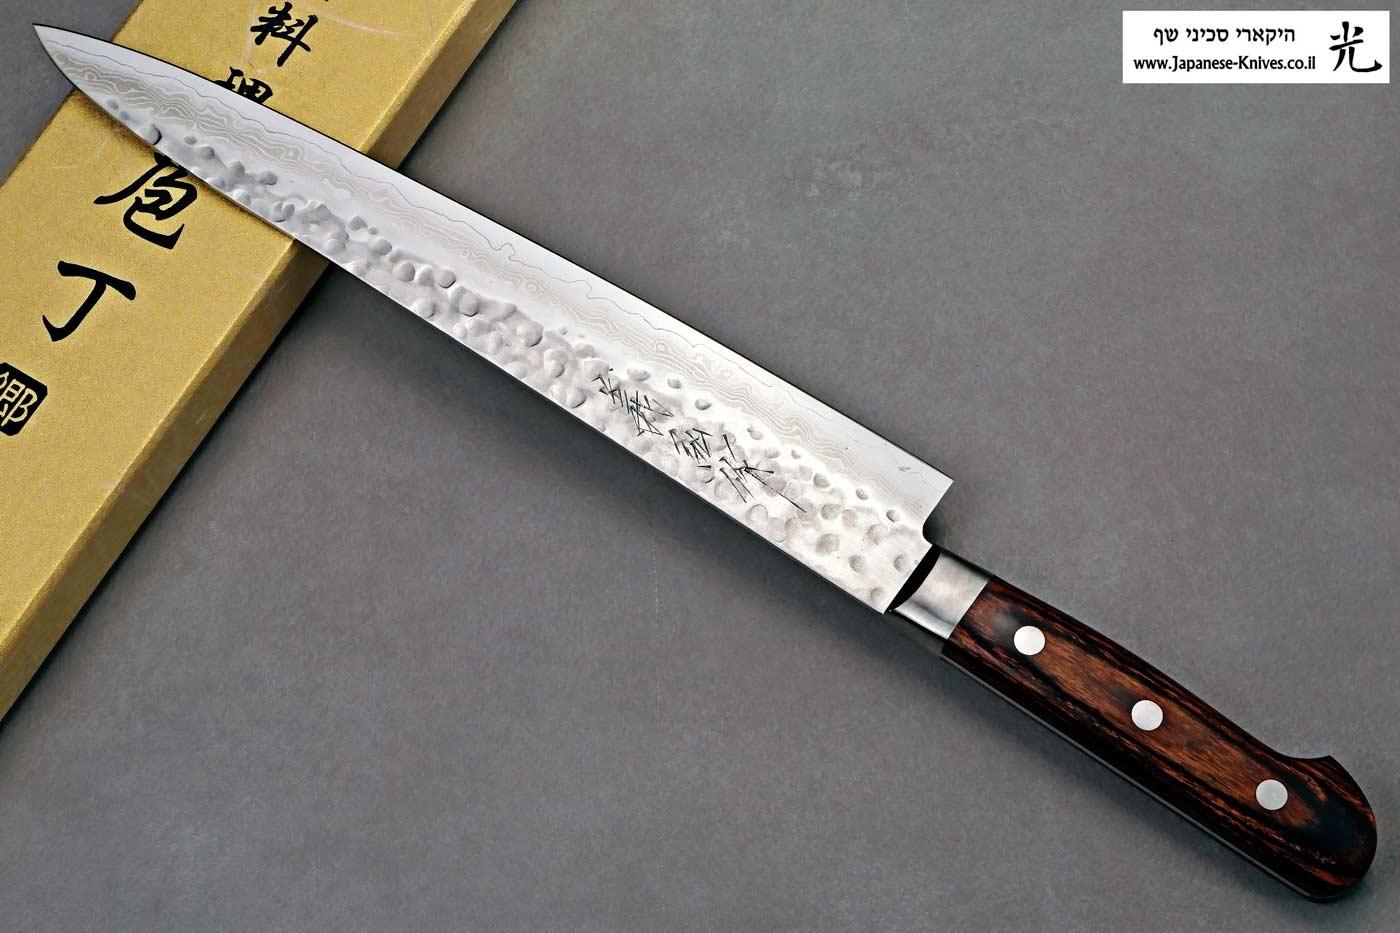 """סכין פריסה (שוג'יהיקי) יאמאוואקי 240מ""""מ VG10 ידית מערבית"""